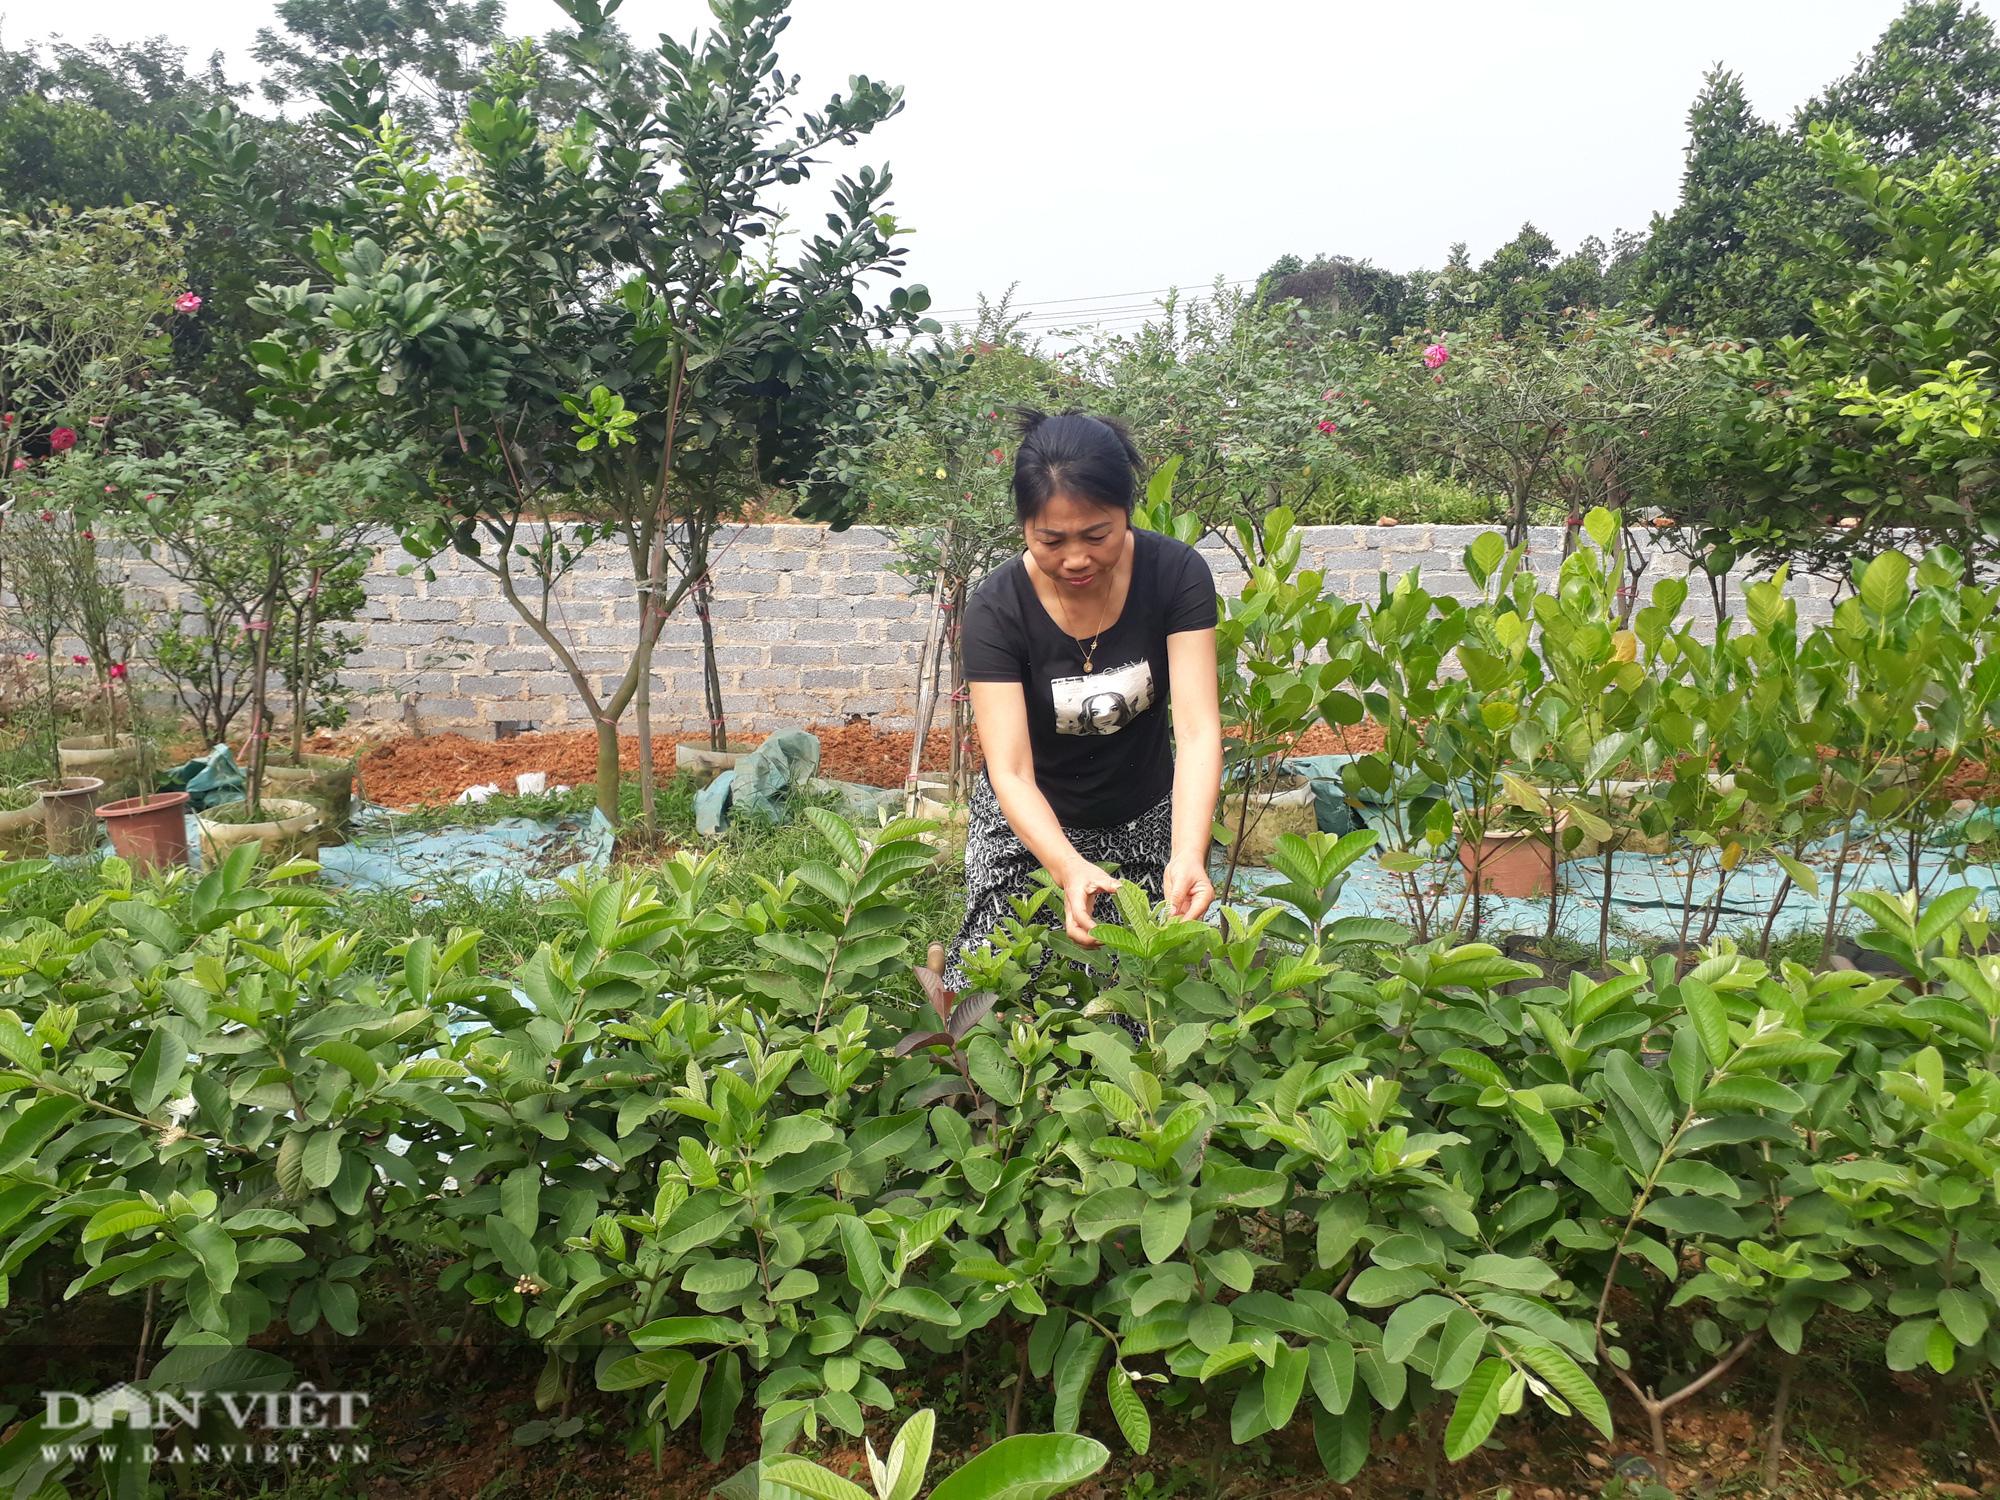 Trồng cây ra quả ngọt quanh năm, vợ chồng anh nông dân Thái Nguyên thu hàng trăm triệu đồng mỗi năm - Ảnh 6.